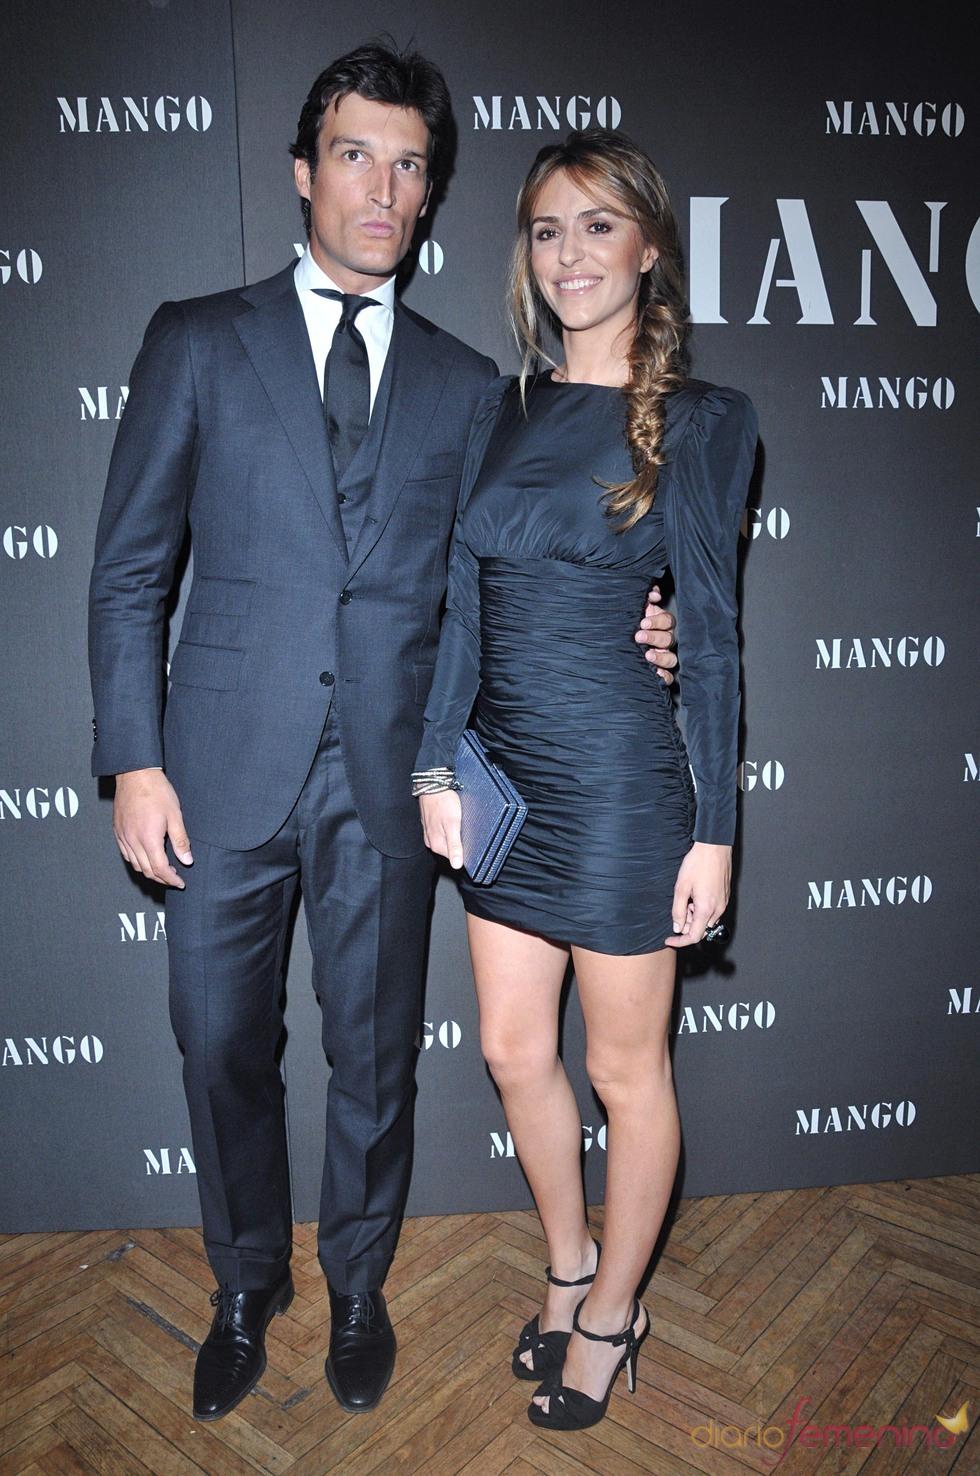 Rafael Medina y Laura Vecino en un evento de Mango